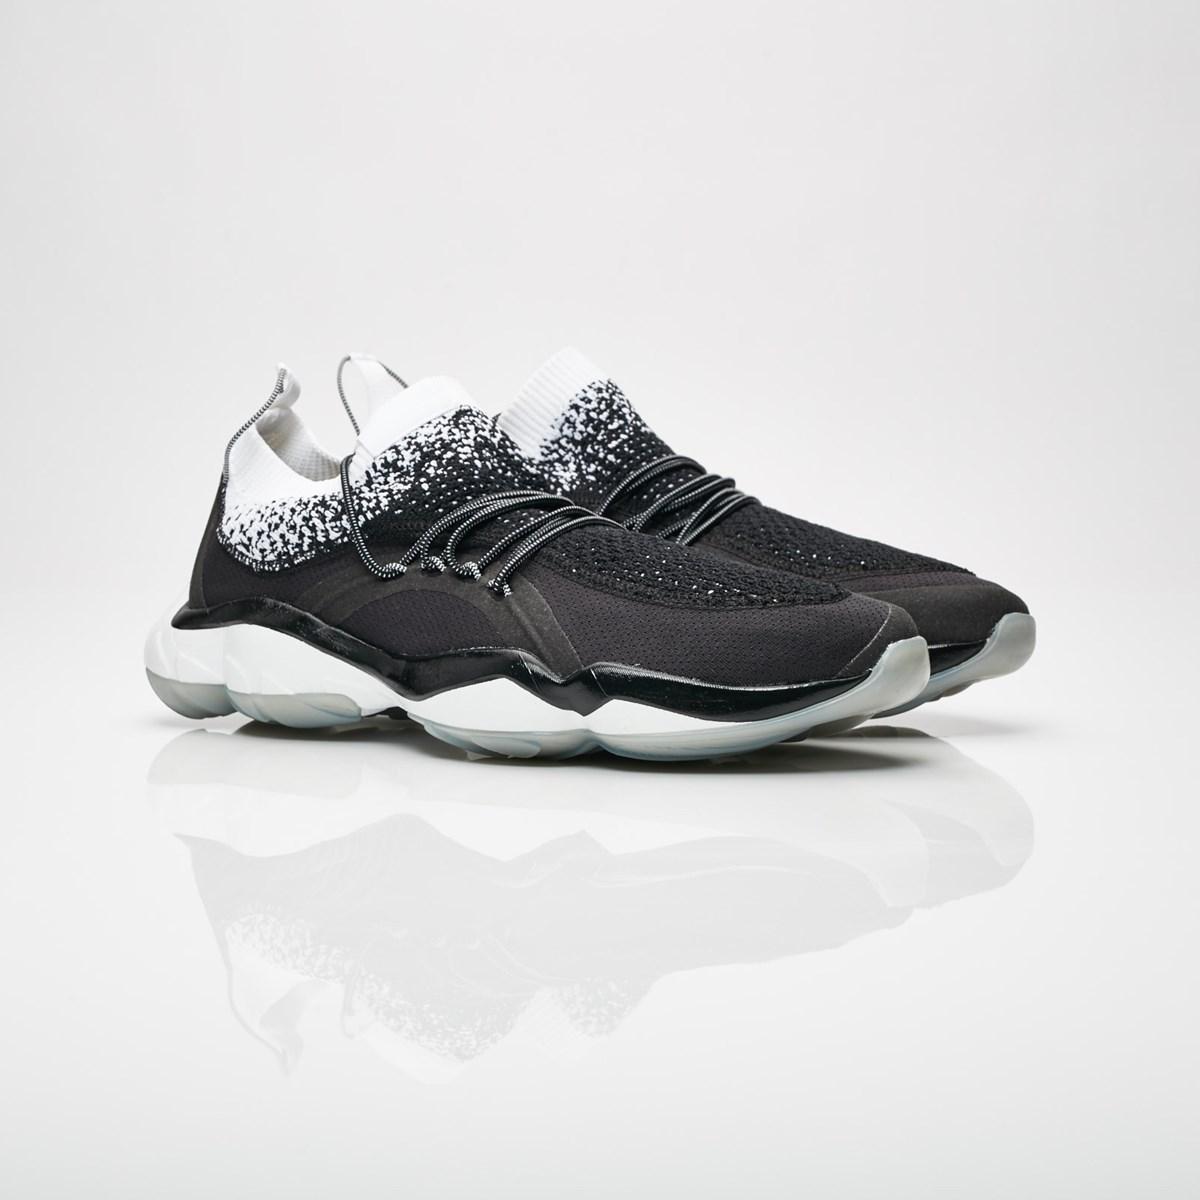 reebok dmx fusion hc cm9625 sneakers   streetwear på nätet sen 1999.  SNEAKERSNSTUFF 1a098dfb3